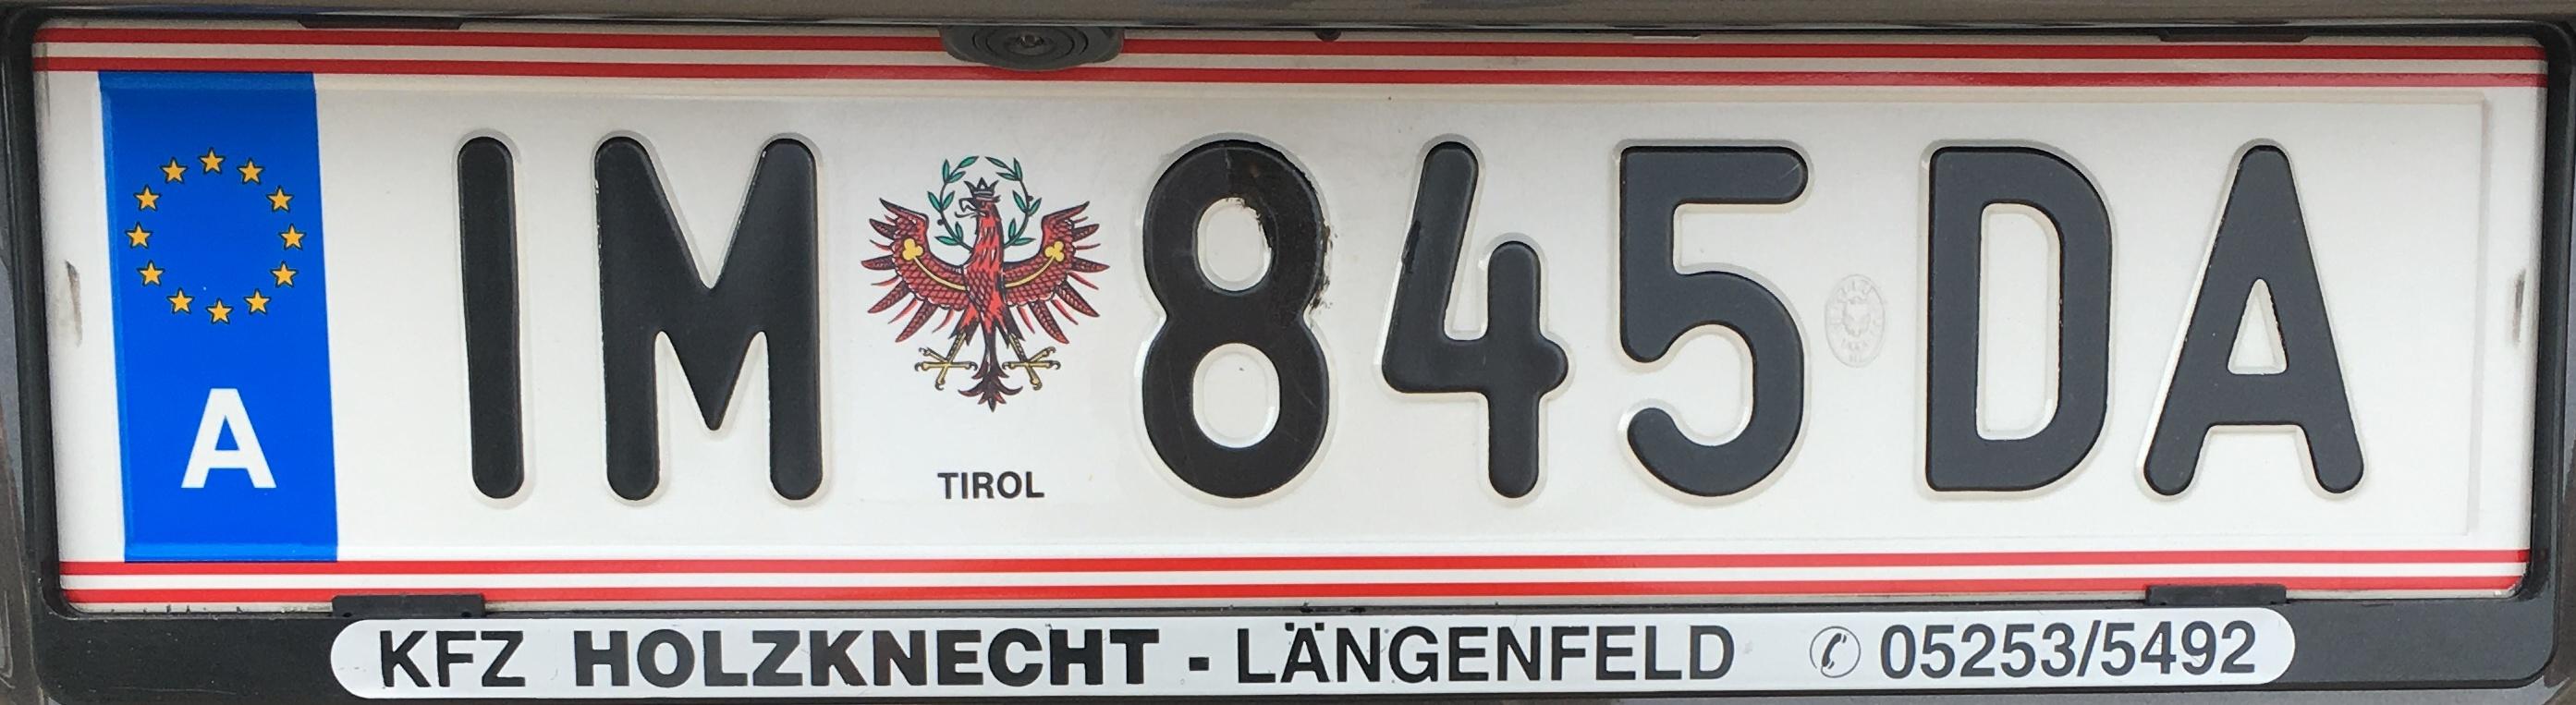 Registrační značka Rakousko - IM - Imst, foto: vlastní